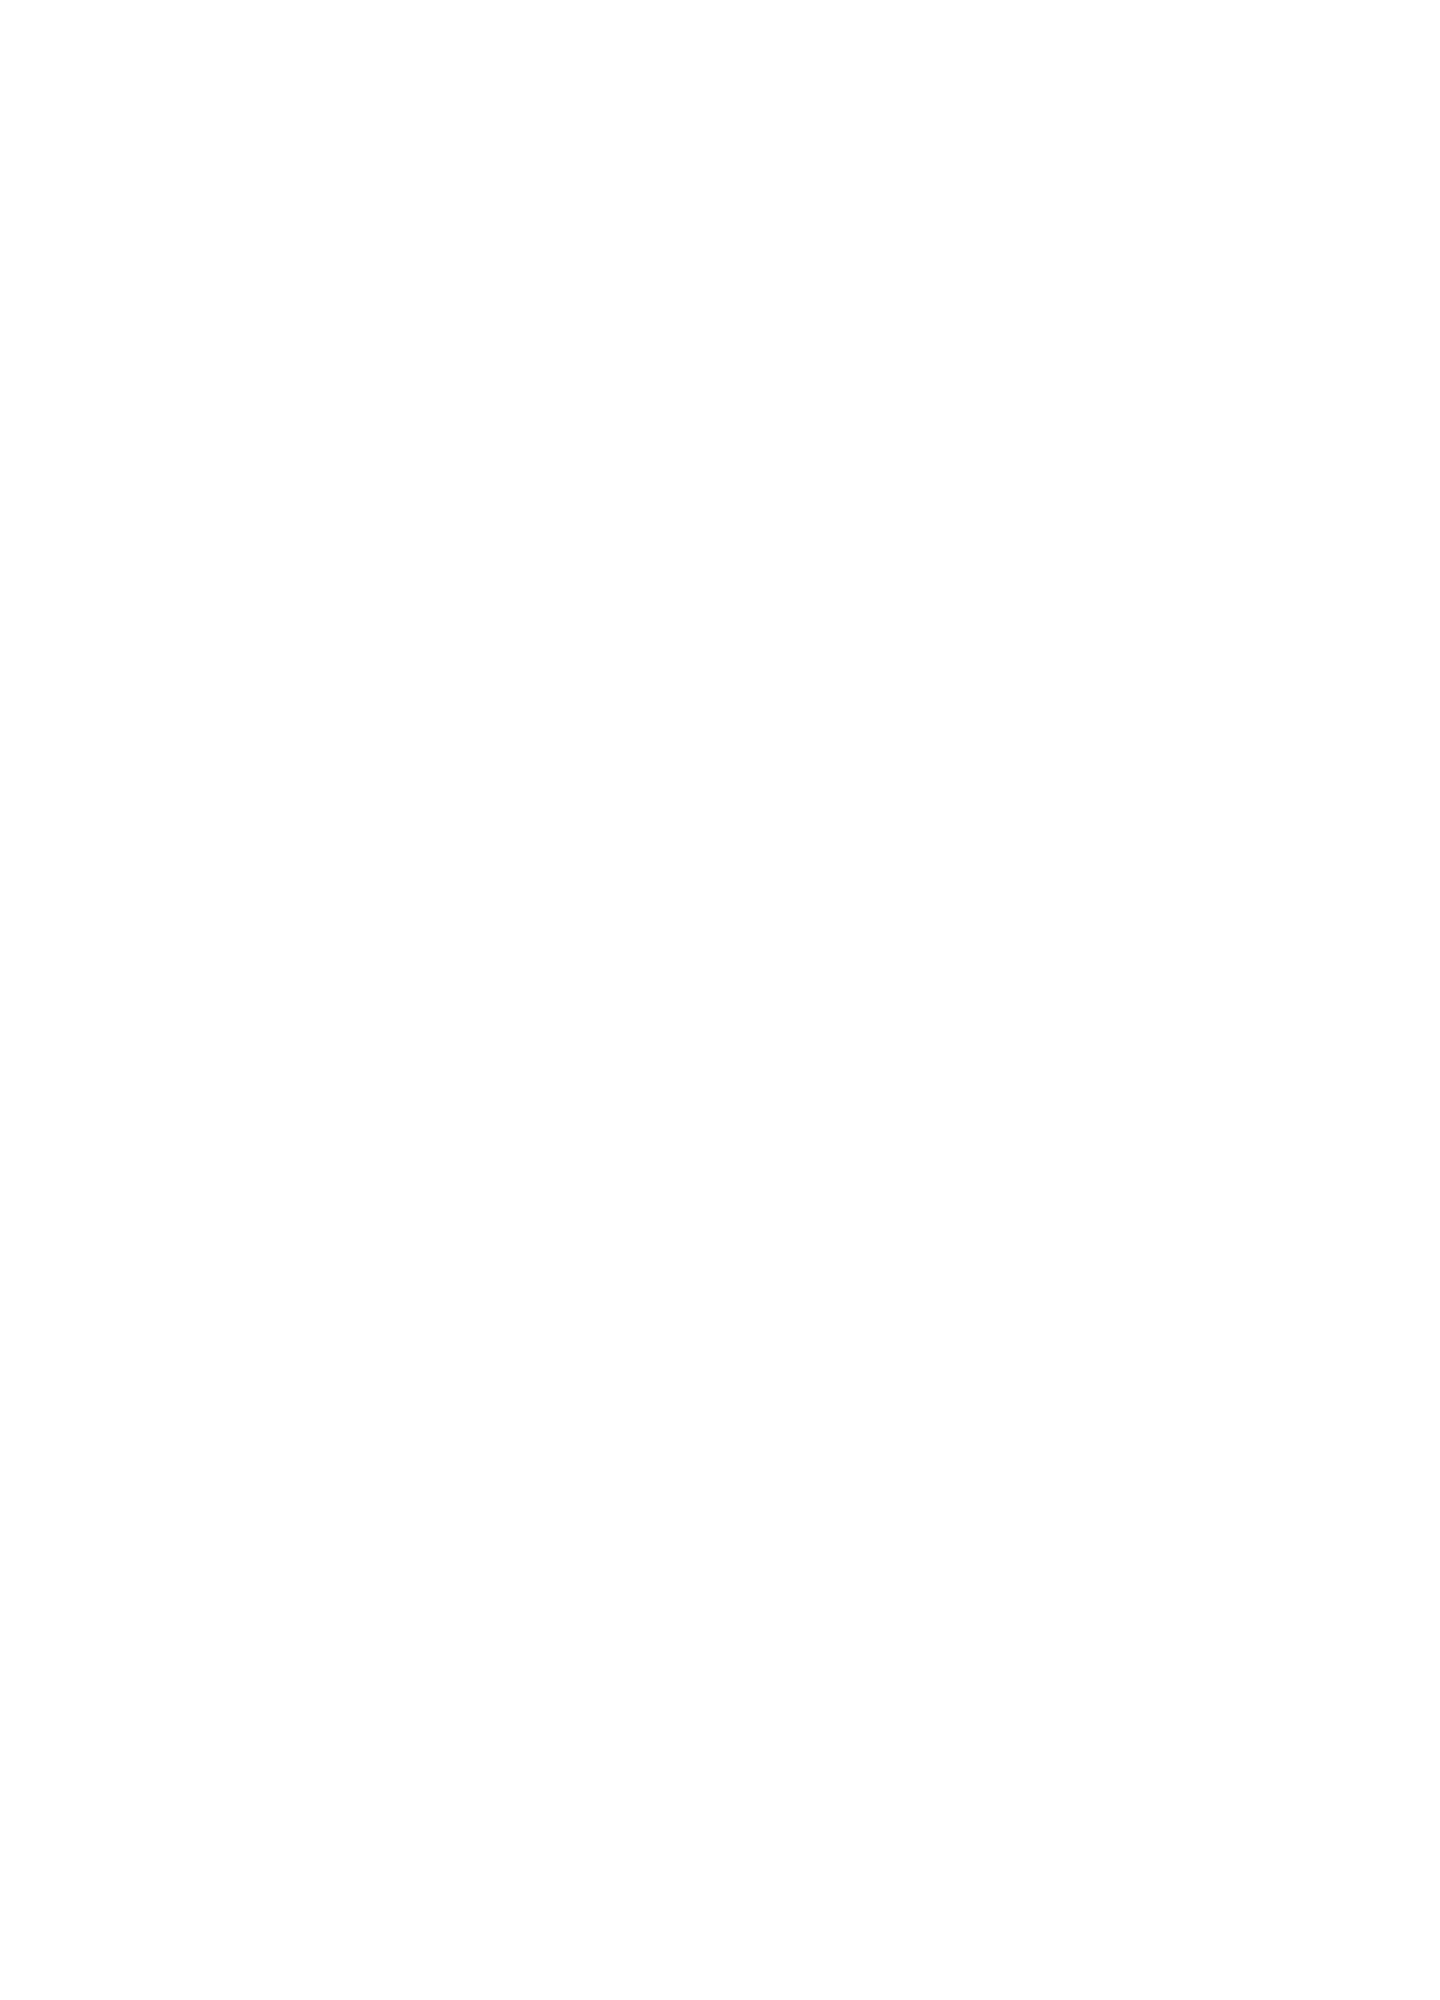 韩漫 |《狡猾的鲁鲁》  恶魔与人类,一饿就开do!  第11张